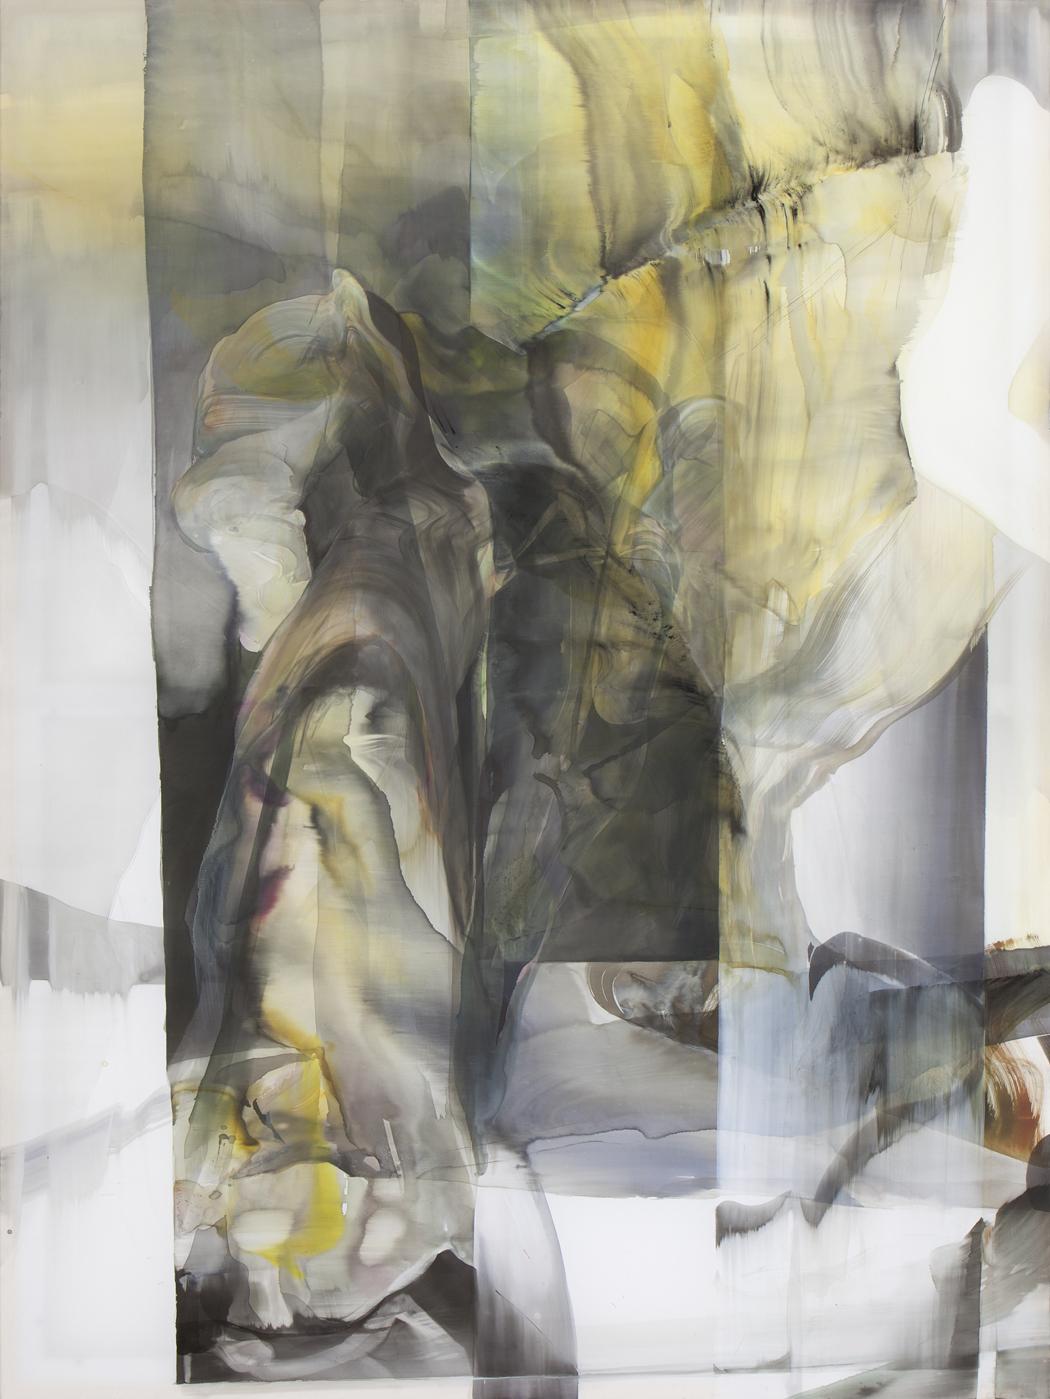 Natascha Schmitten_Willow, 2016, Tusche auf Nylon, 200 x 150 cm